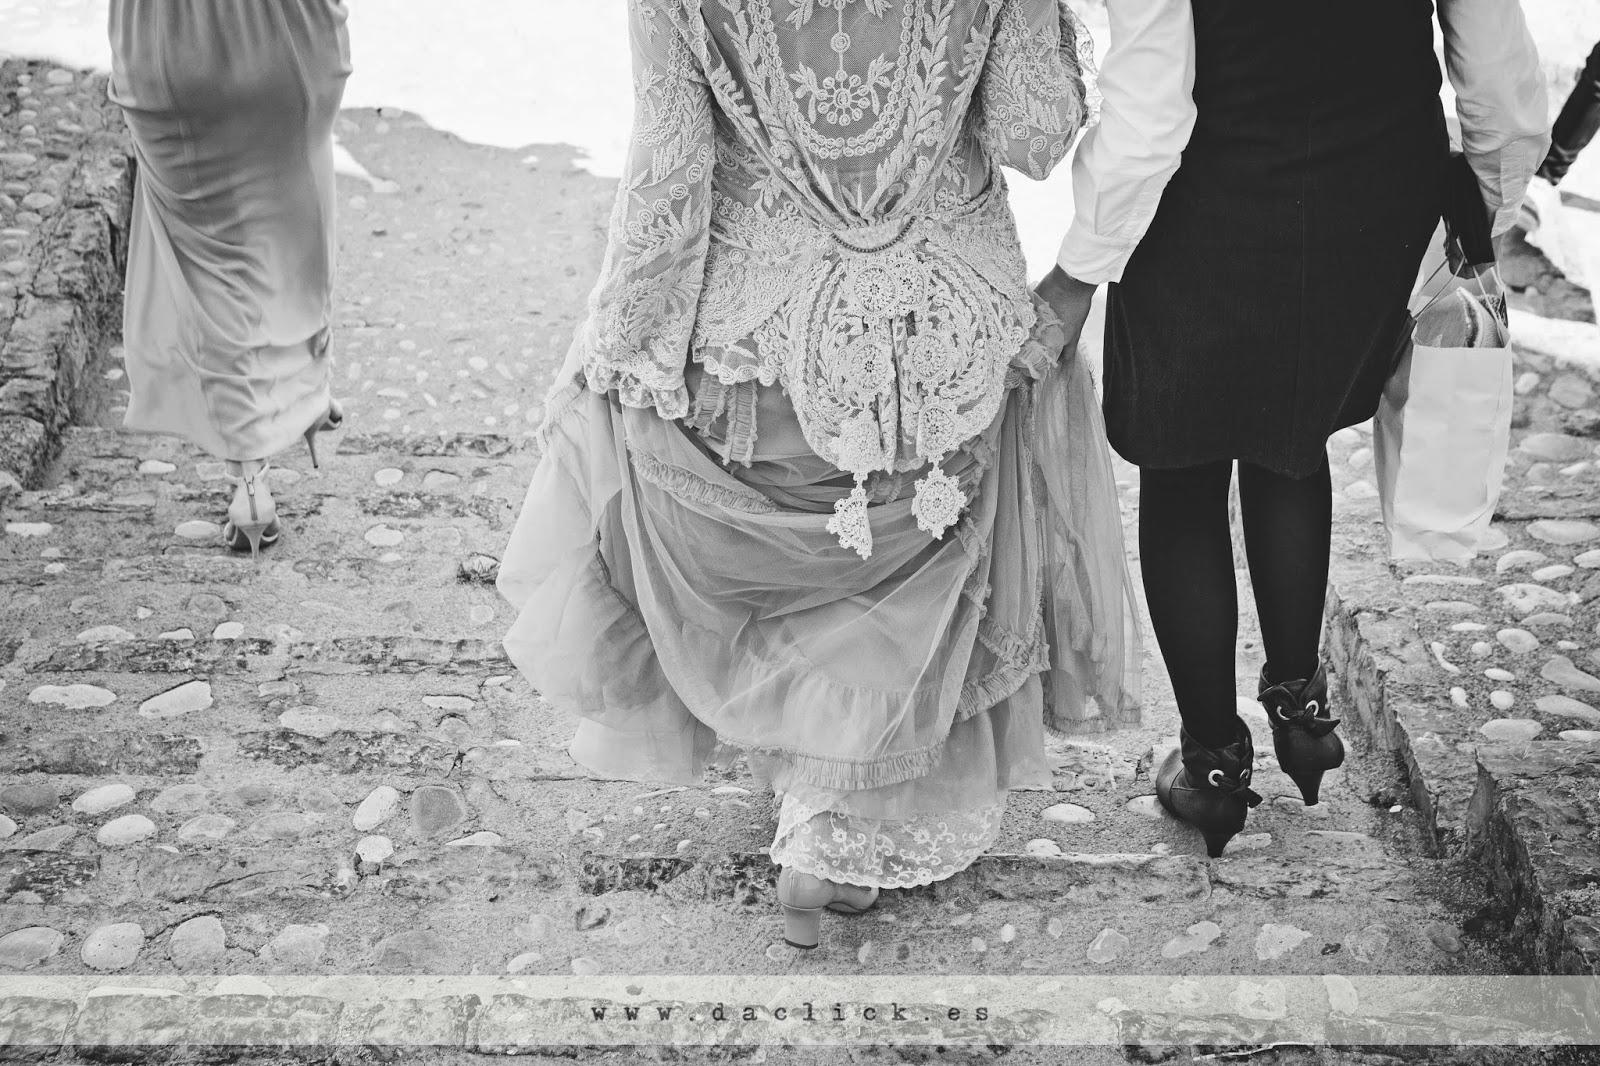 vestido de novia bajando la escalera empedrada